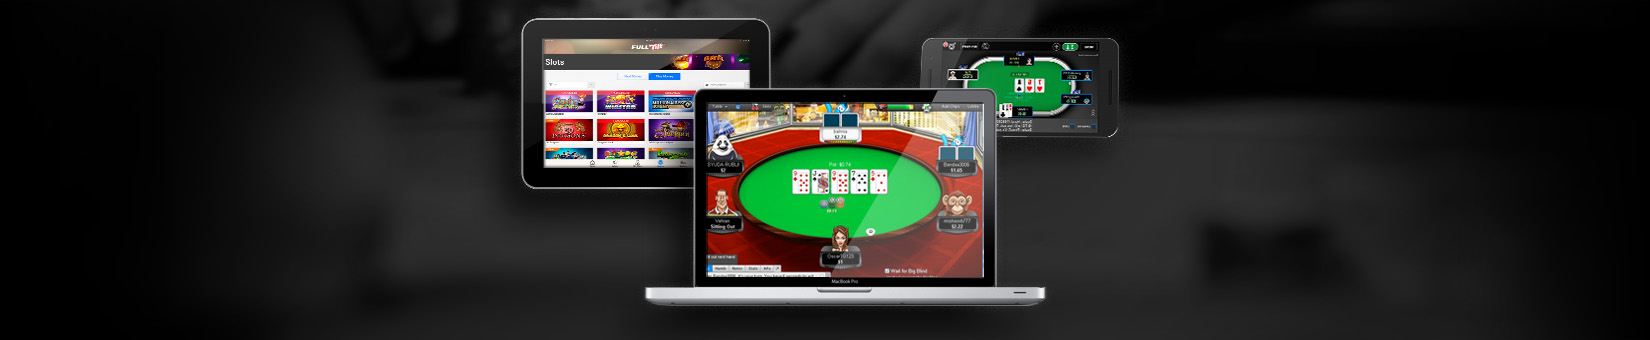 Tragamonedas de NetEnt full tilt poker android-128568